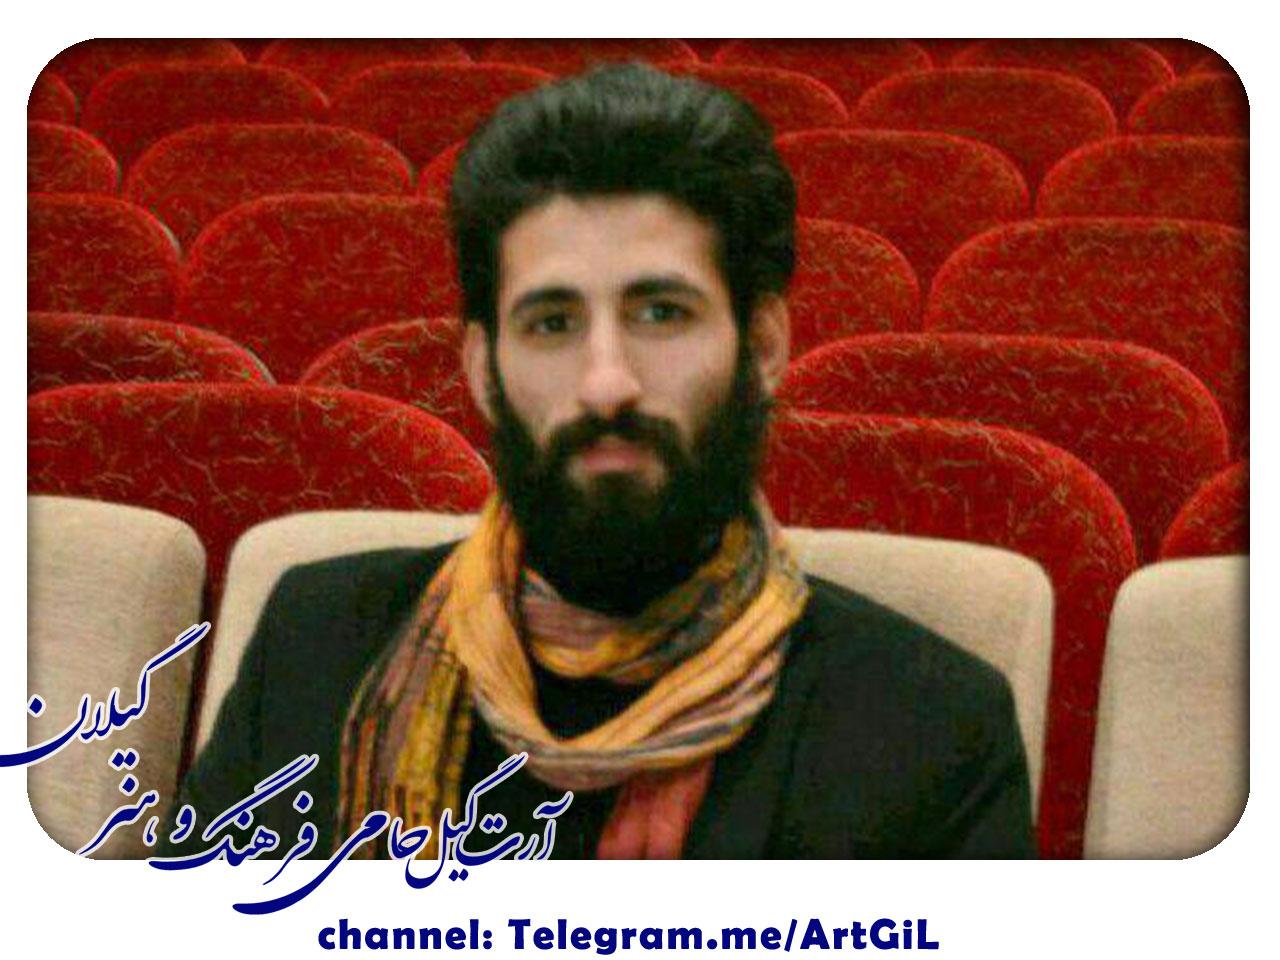 بیوگرافی سید میثم موسوی + عکس